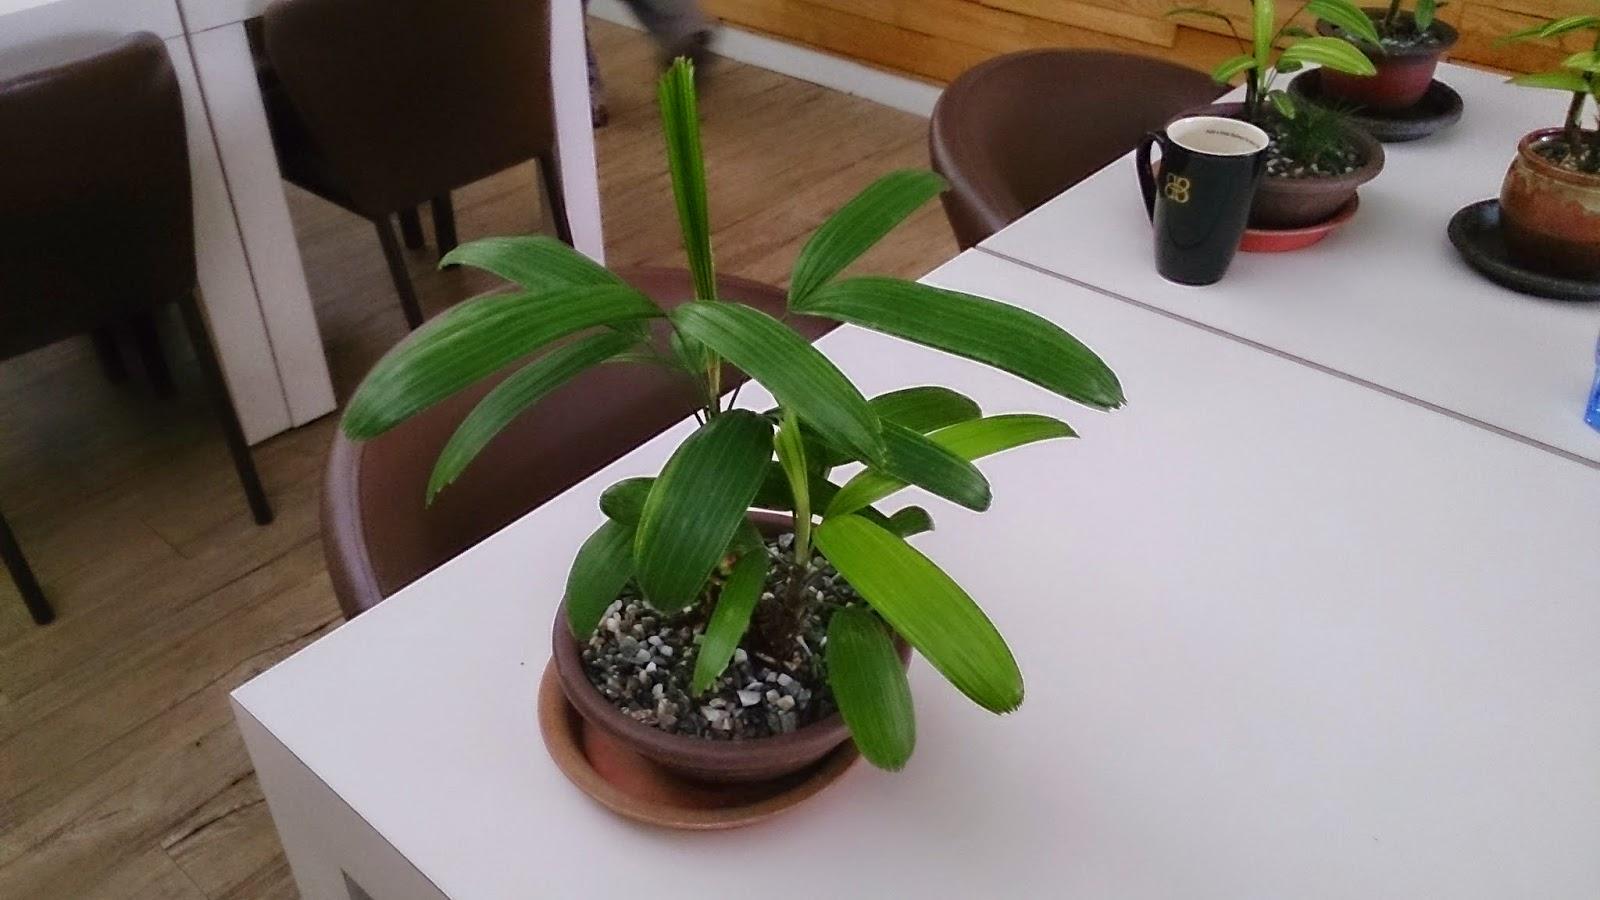 鹽與光網訊: 推薦 棕竹盆栽